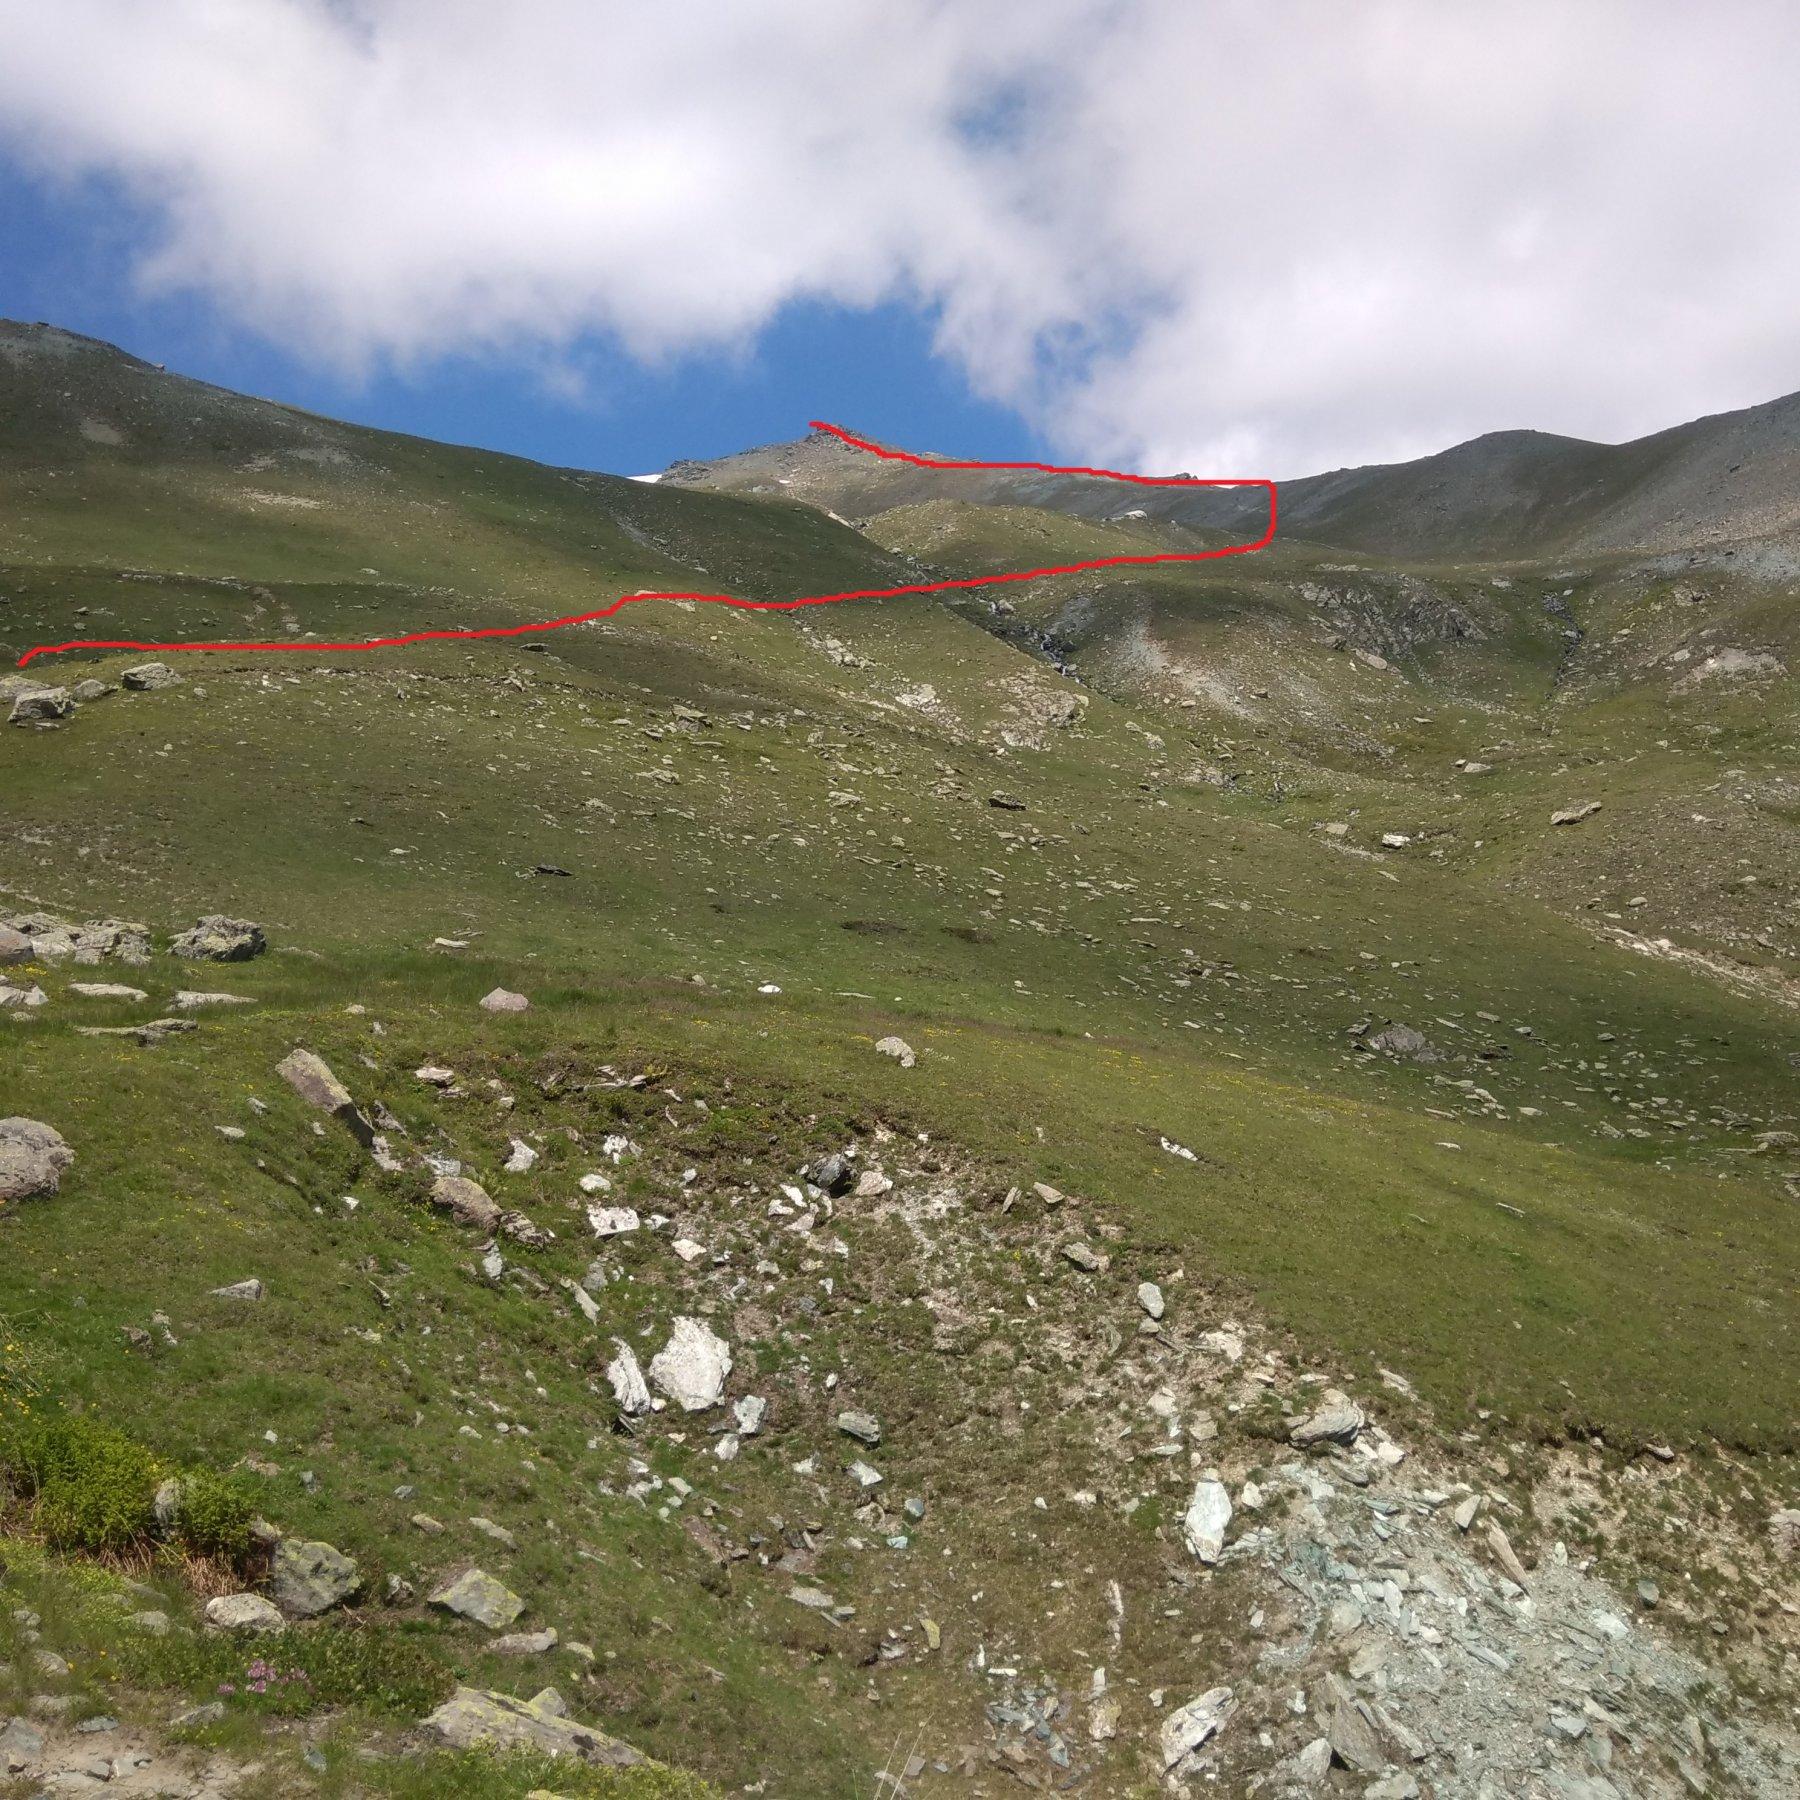 L'itinerario da percorrere per guadagnare il crestone sud-est delle Rocce del Foens